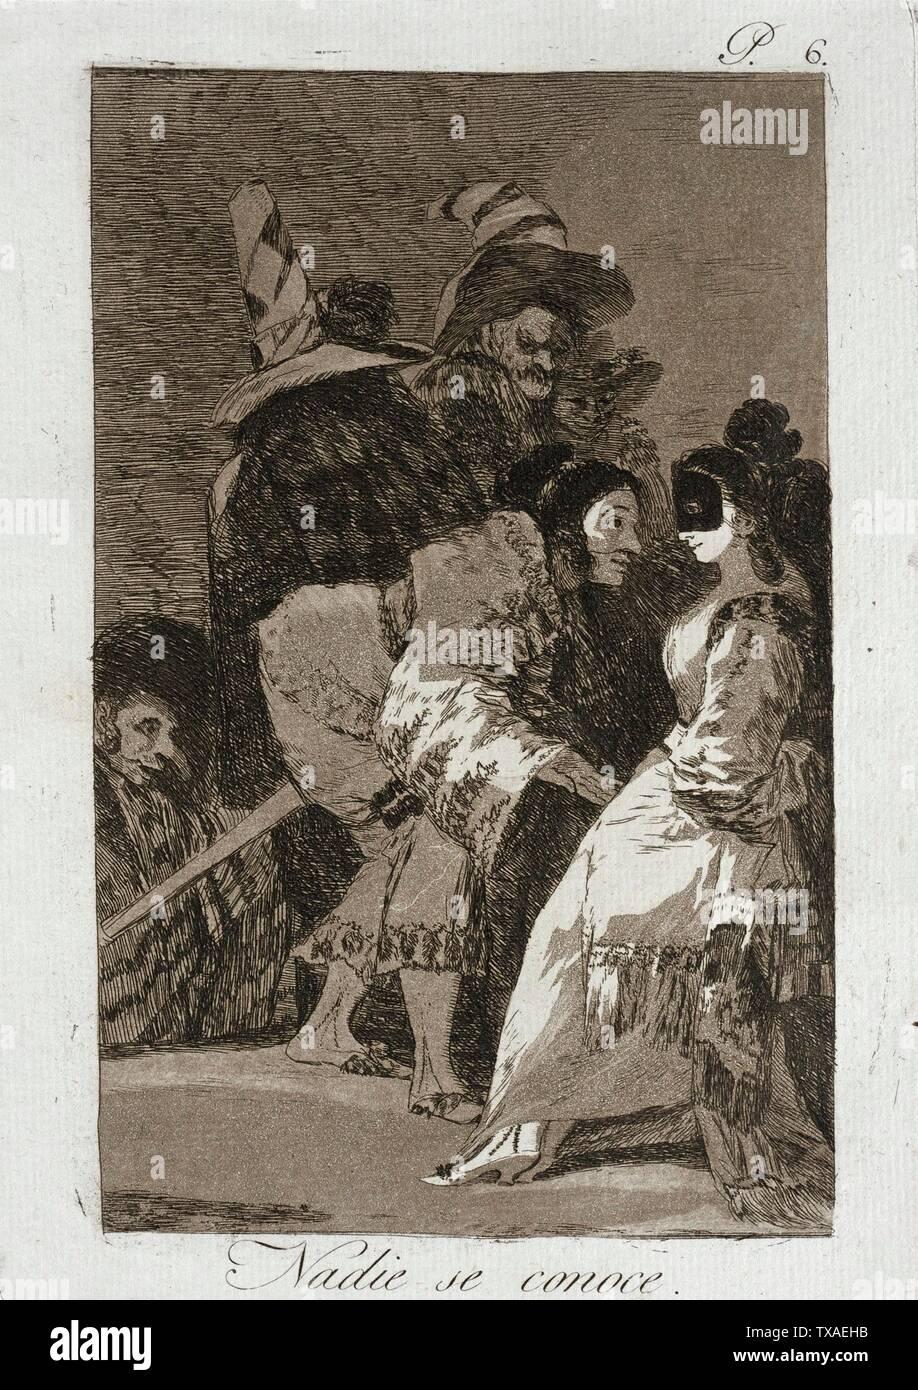 """""""Nadie se conoce a sí mismo; en inglés: España, 1799 título alternativo: Nadie se conoce cartera: Los Caprichos, la placa 6 copias; grabados aguafuerte y aguatinta bruñida Paul Mabury Rodman Fondo Fiduciario (63.11.6) grabados y dibujos; QS 1799Fecha:P571,+1799-00-00T00:00:00Z/9; ' Imagen De Stock"""